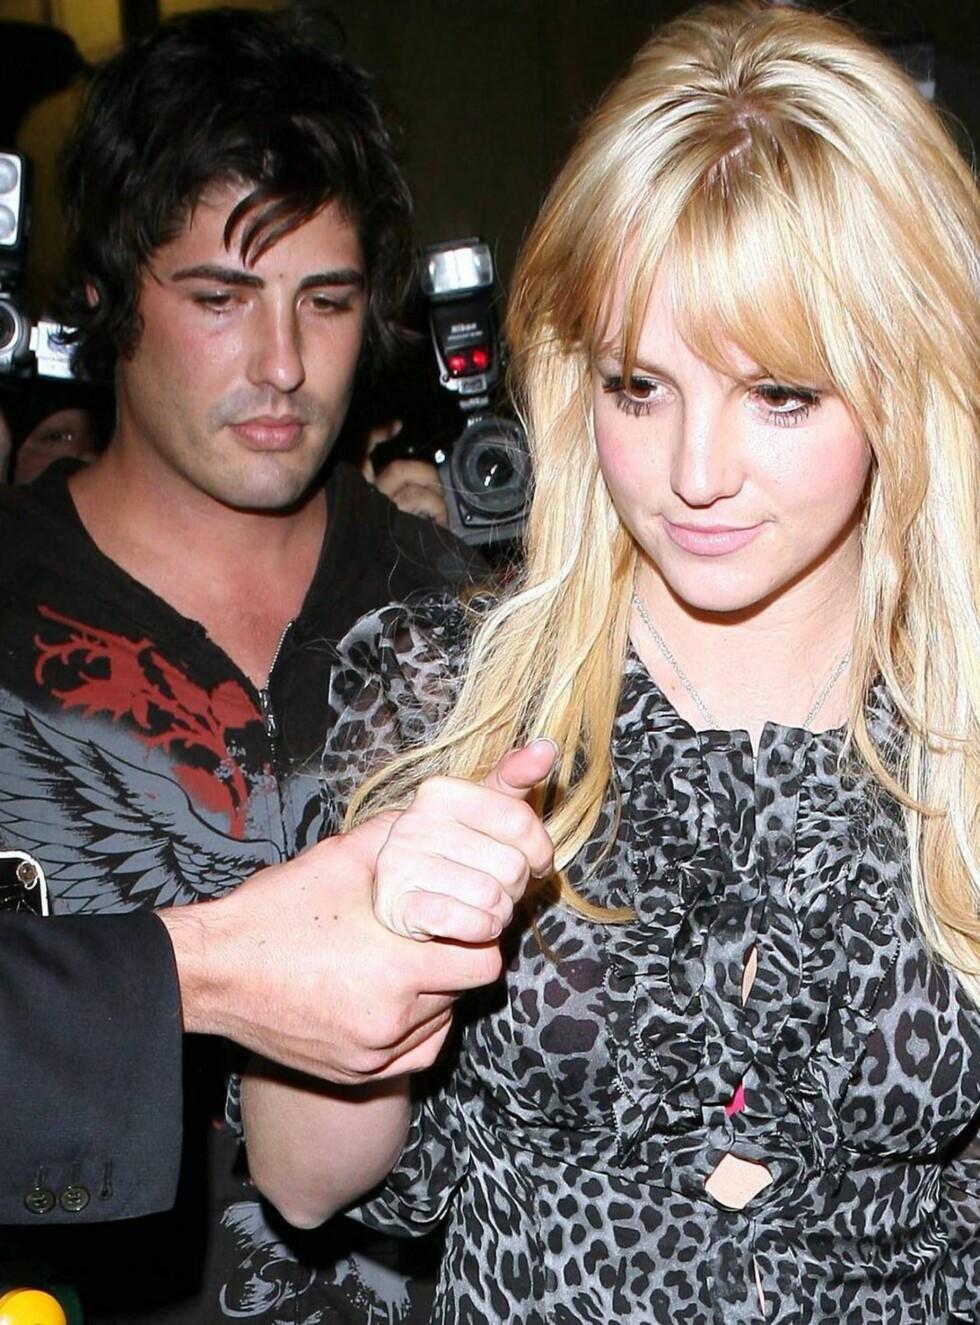 TETT: Britney og Brandon gjorde suksess blant de oppmøtte i går kveld. Men det spørs om de gjør suksess hos Paris ... Foto: All Over Press